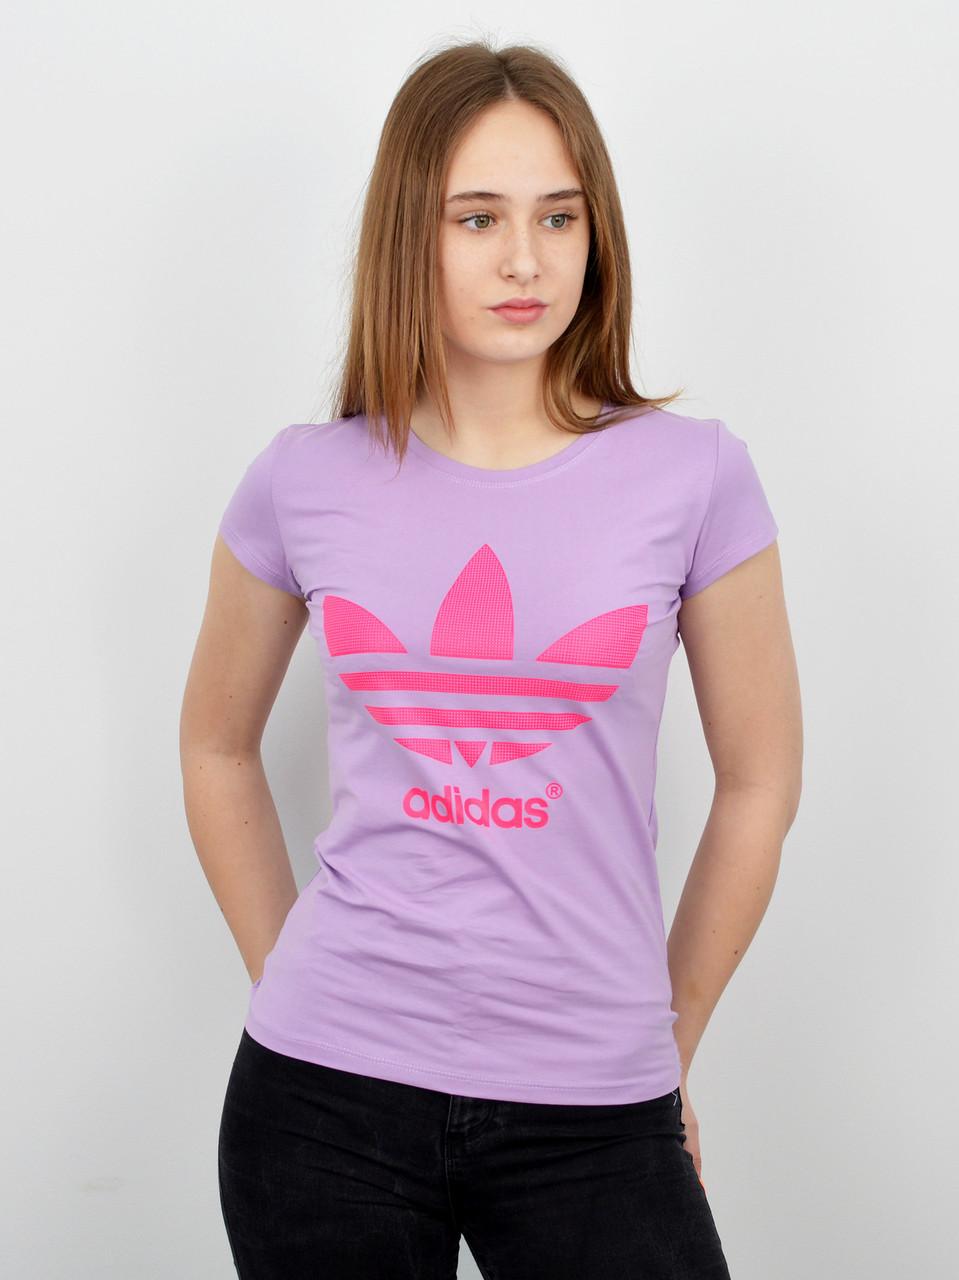 Спортивная женская футболка оптом V0120 светло лиловый+розовый